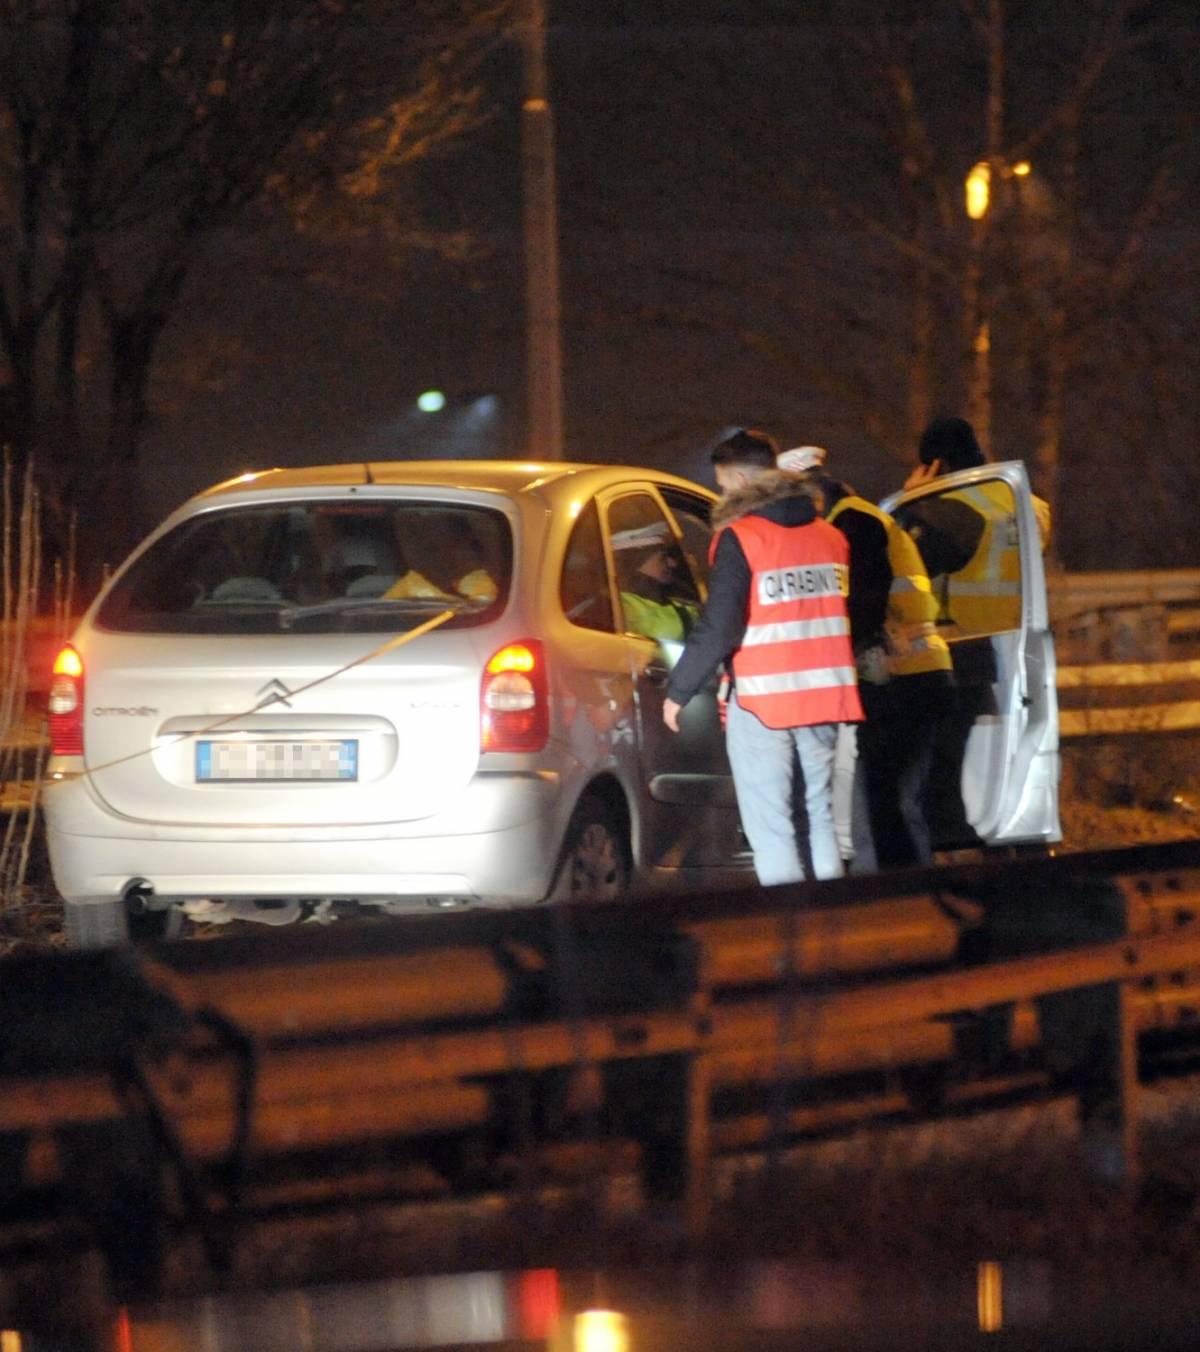 Incidenti stradali, arriva il soccorso psicologico